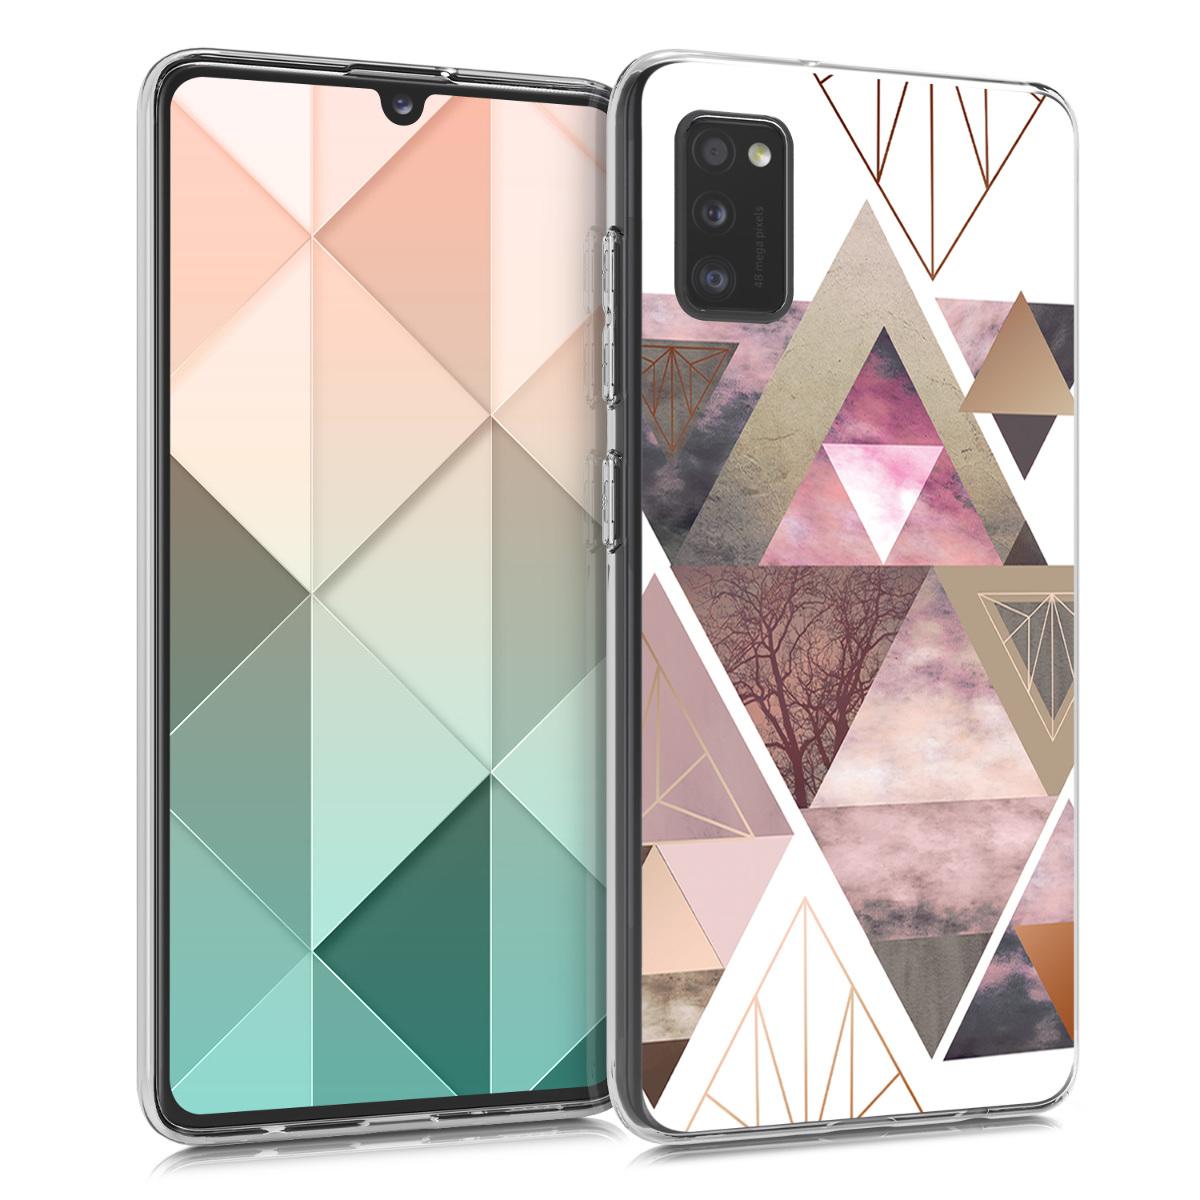 Kvalitní silikonové TPU pouzdro pro Samsung A41 - Patchwork trojúhelníky Light Pink / Rose Gold / White